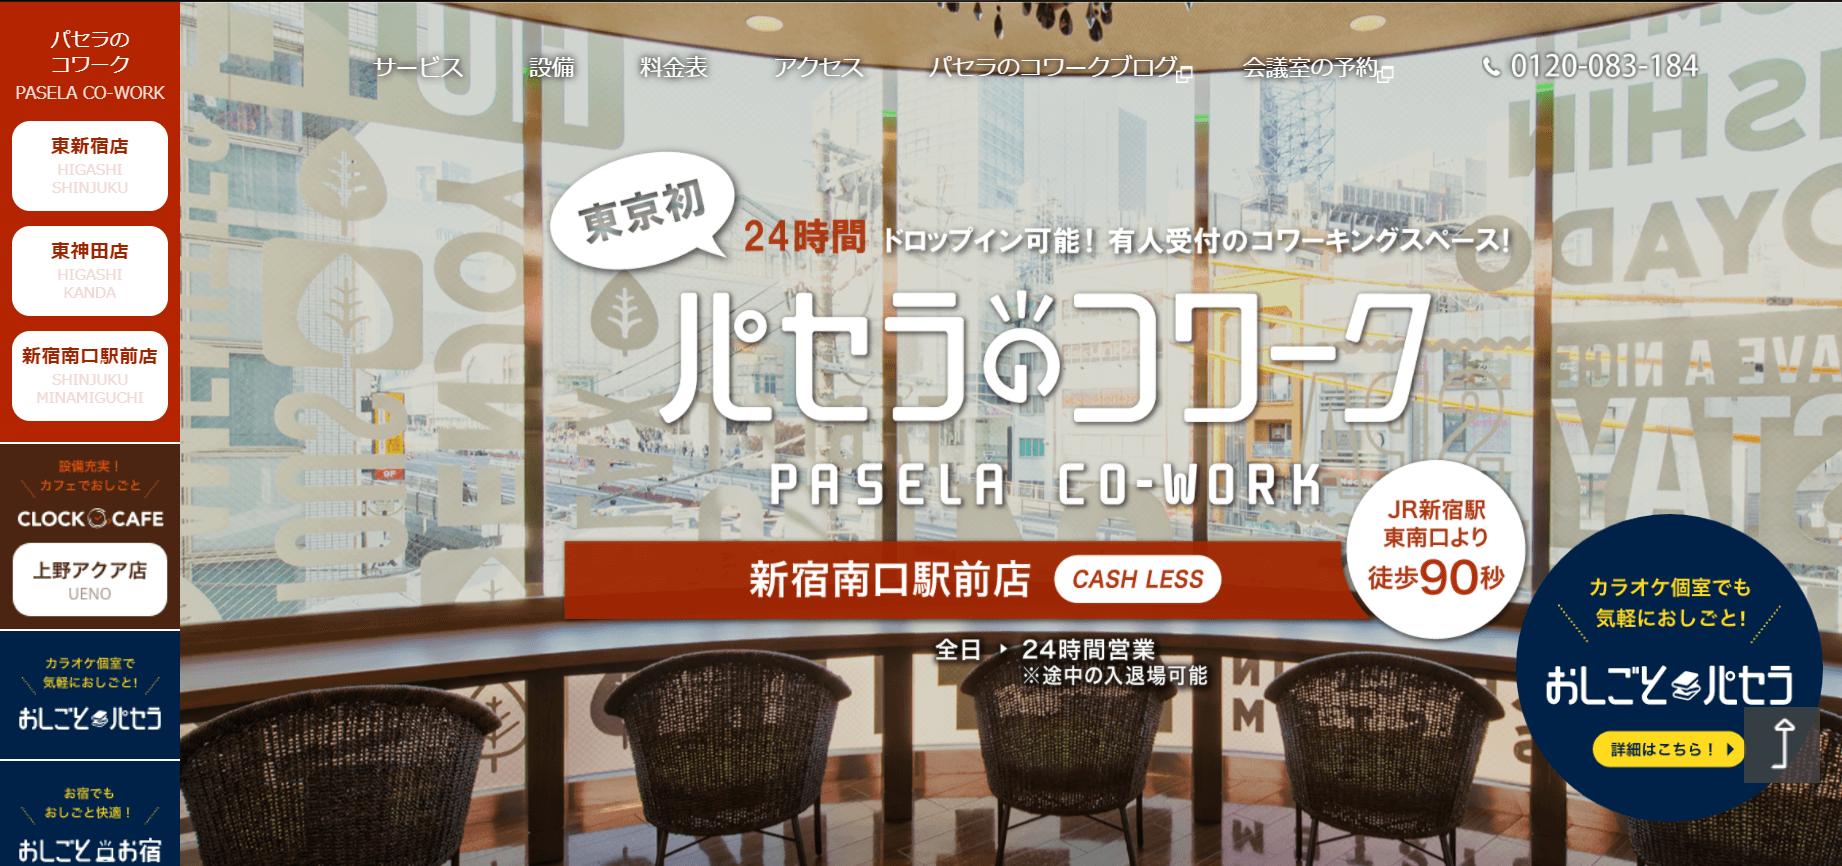 新宿区の人気おすすめコワーキングスペース パセラのコワーク新宿南口駅前店